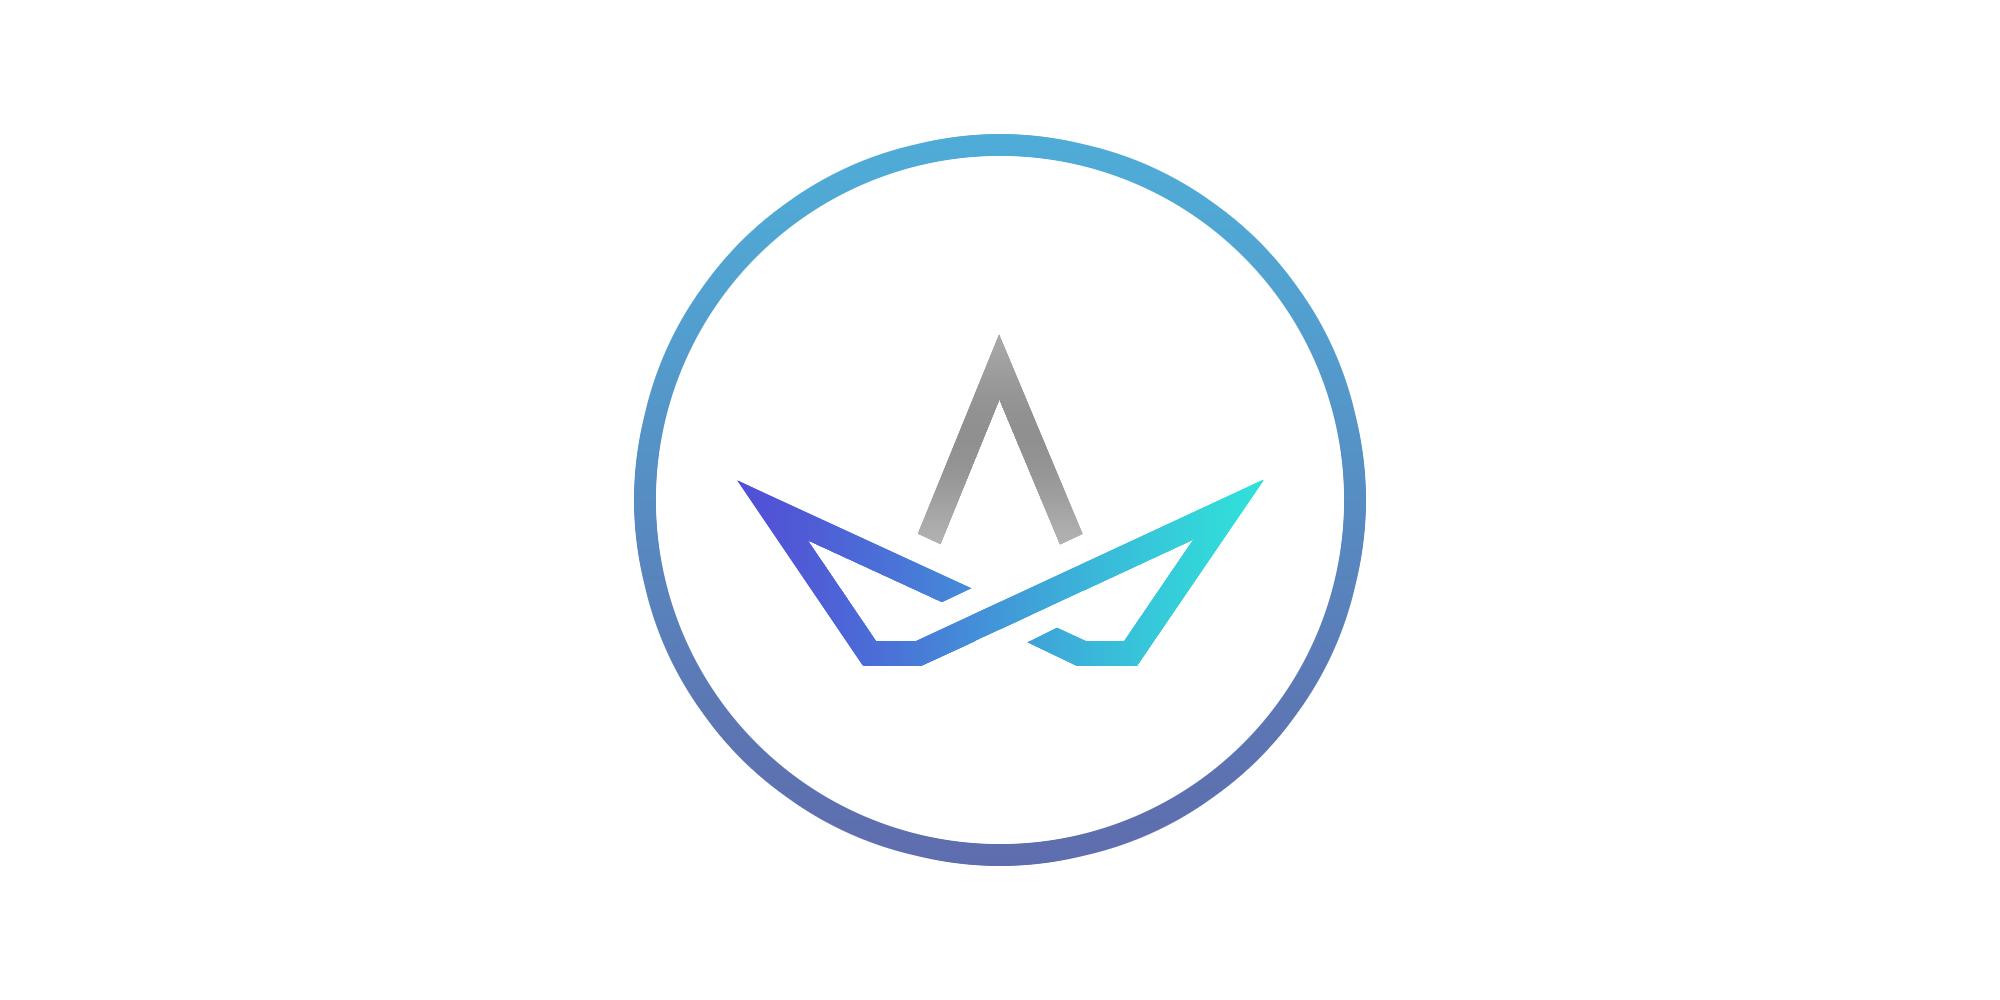 https://amarketing.com.ar/wp-content/plugins/kingcomposer/assets/images/get_start.jpg